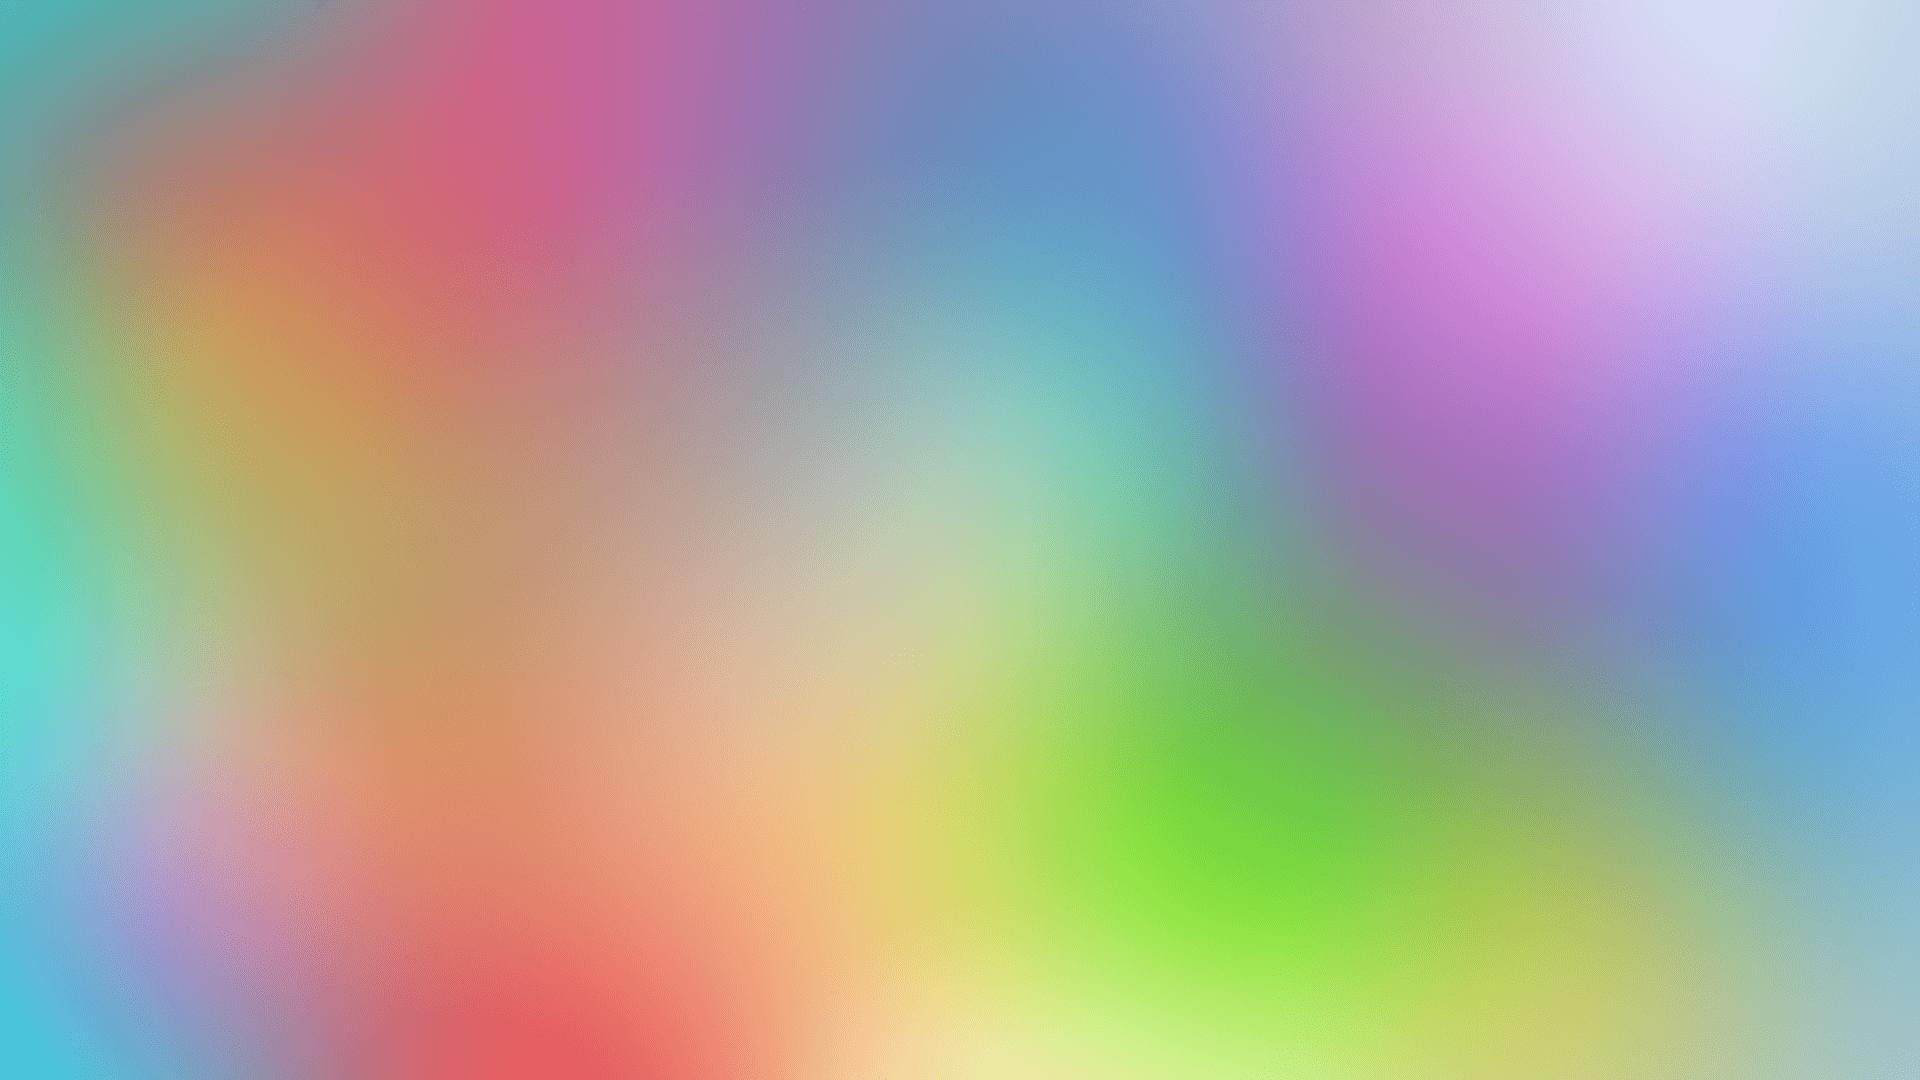 Bright colorful wallpaper